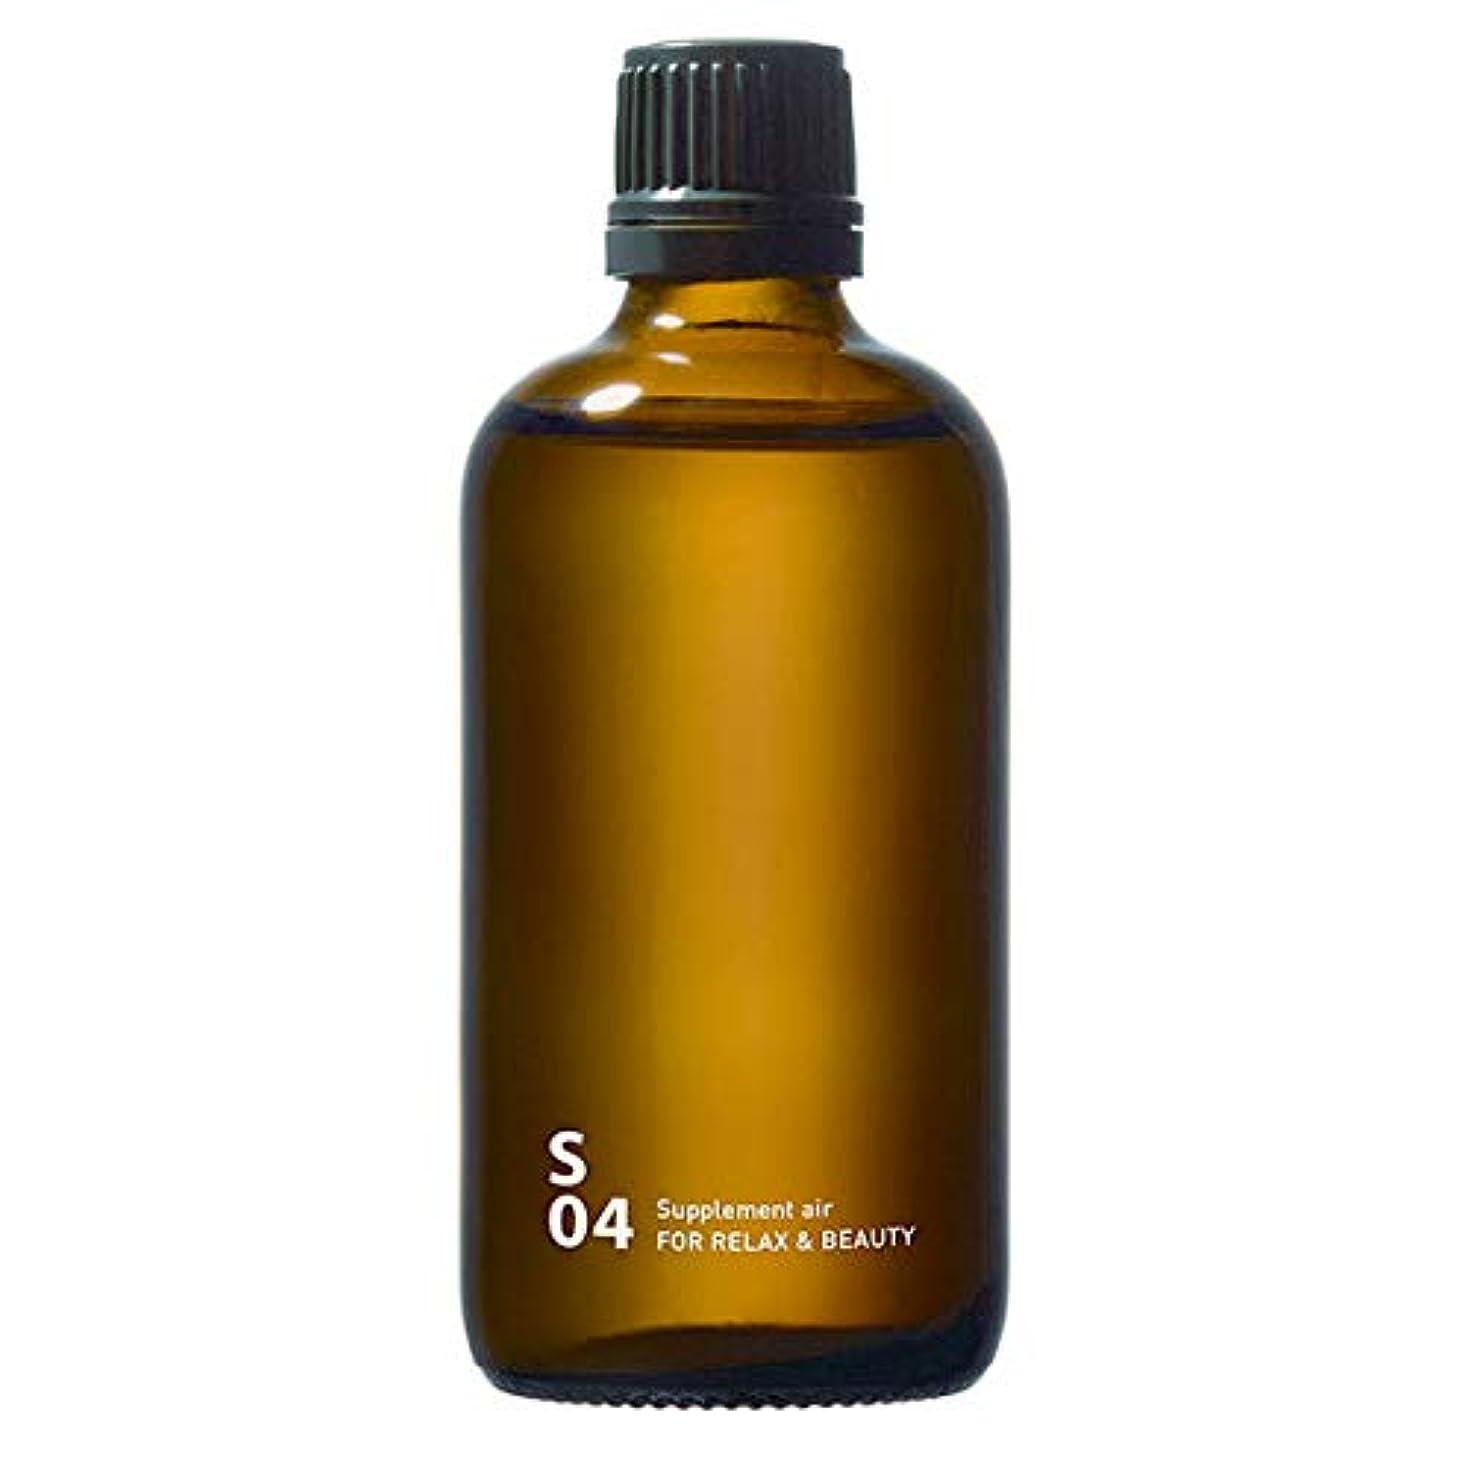 痛い句ギャップS04 FOR RELAX & BEAUTY piezo aroma oil 100ml